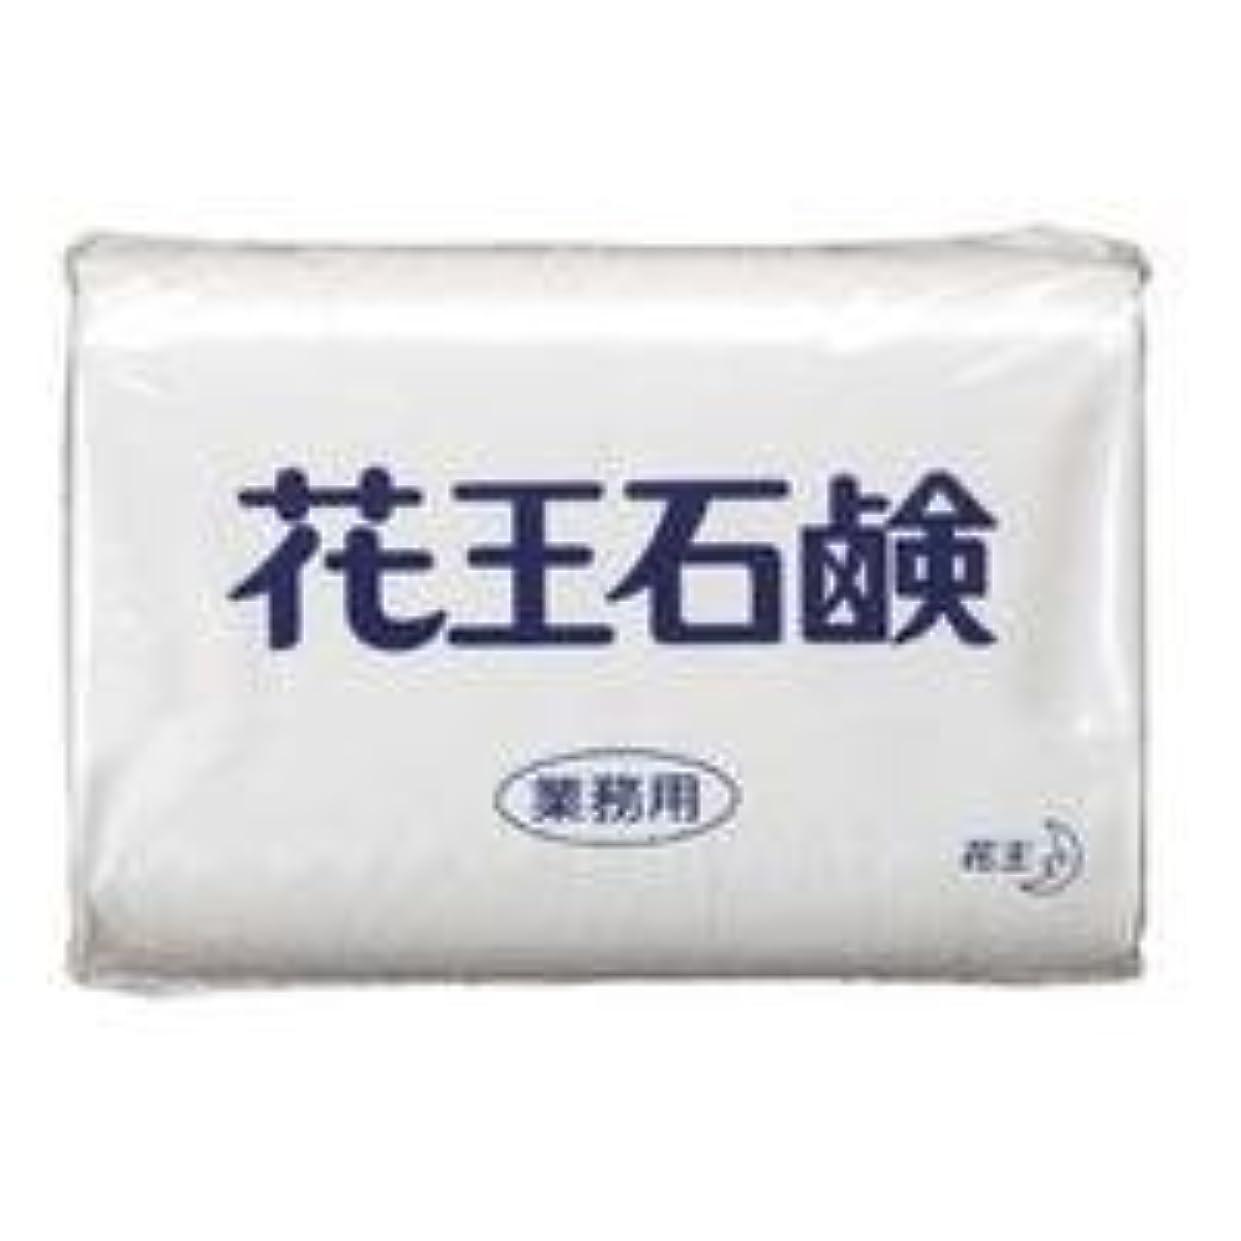 ウナギ贅沢な仮説業務用石鹸 85g 3個×40パック(120個入り)